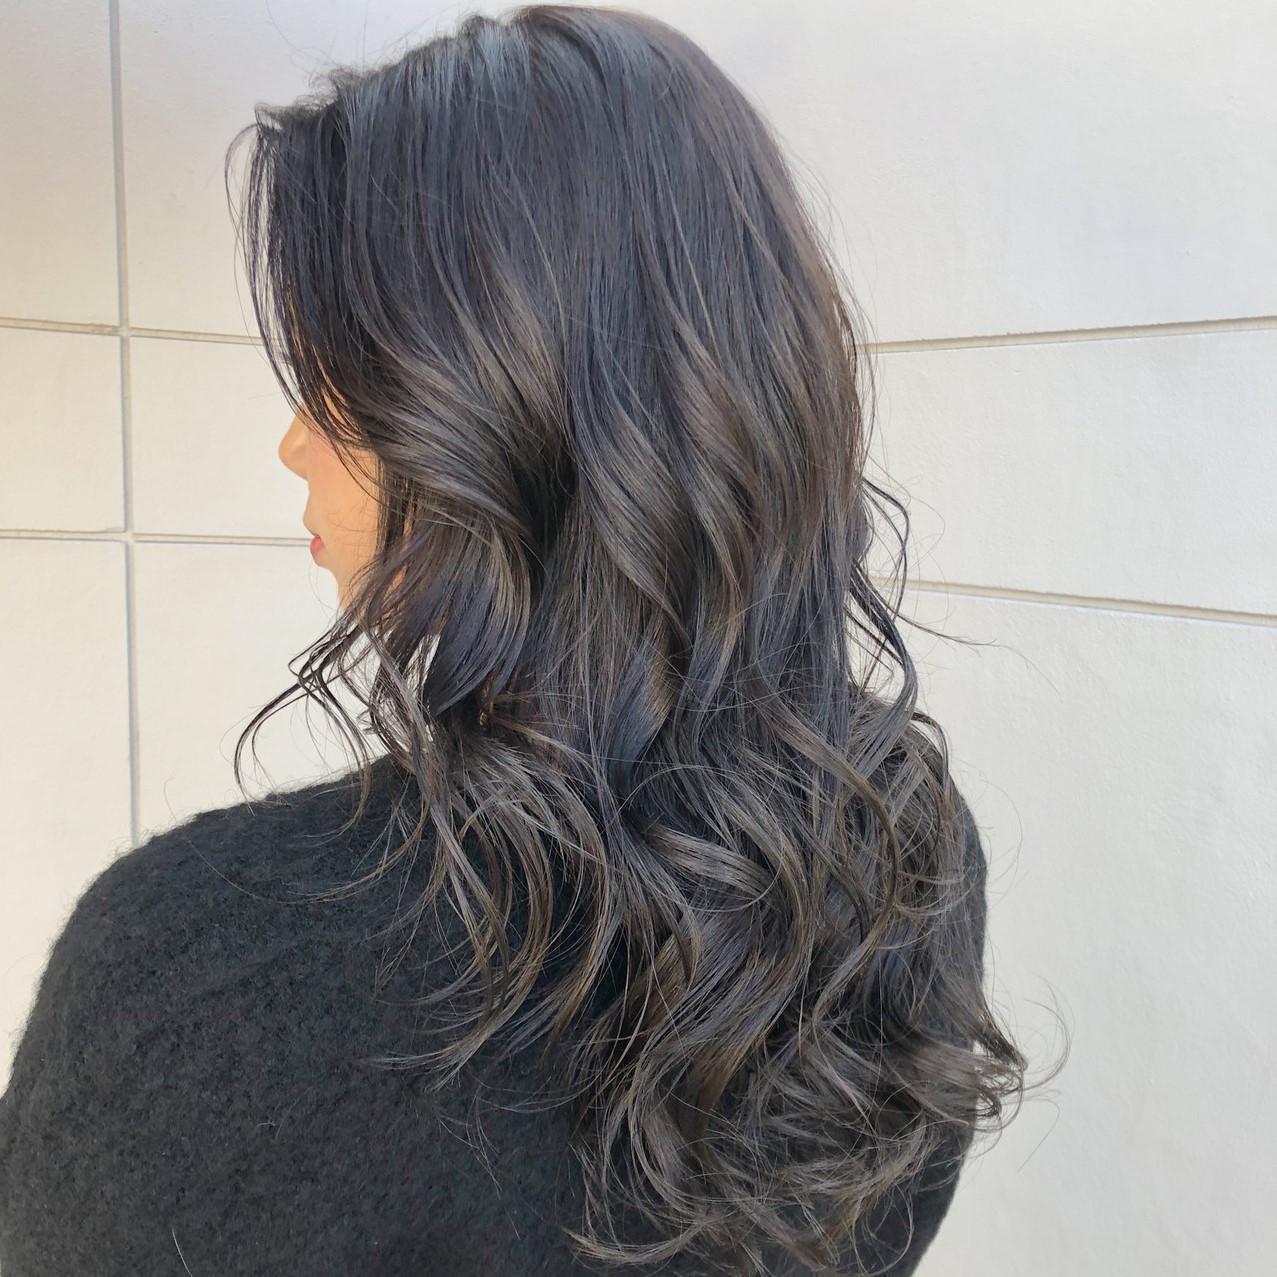 旬カラーで髪も衣替え!市販のヘアカラーでイメチェン計画してみましょ